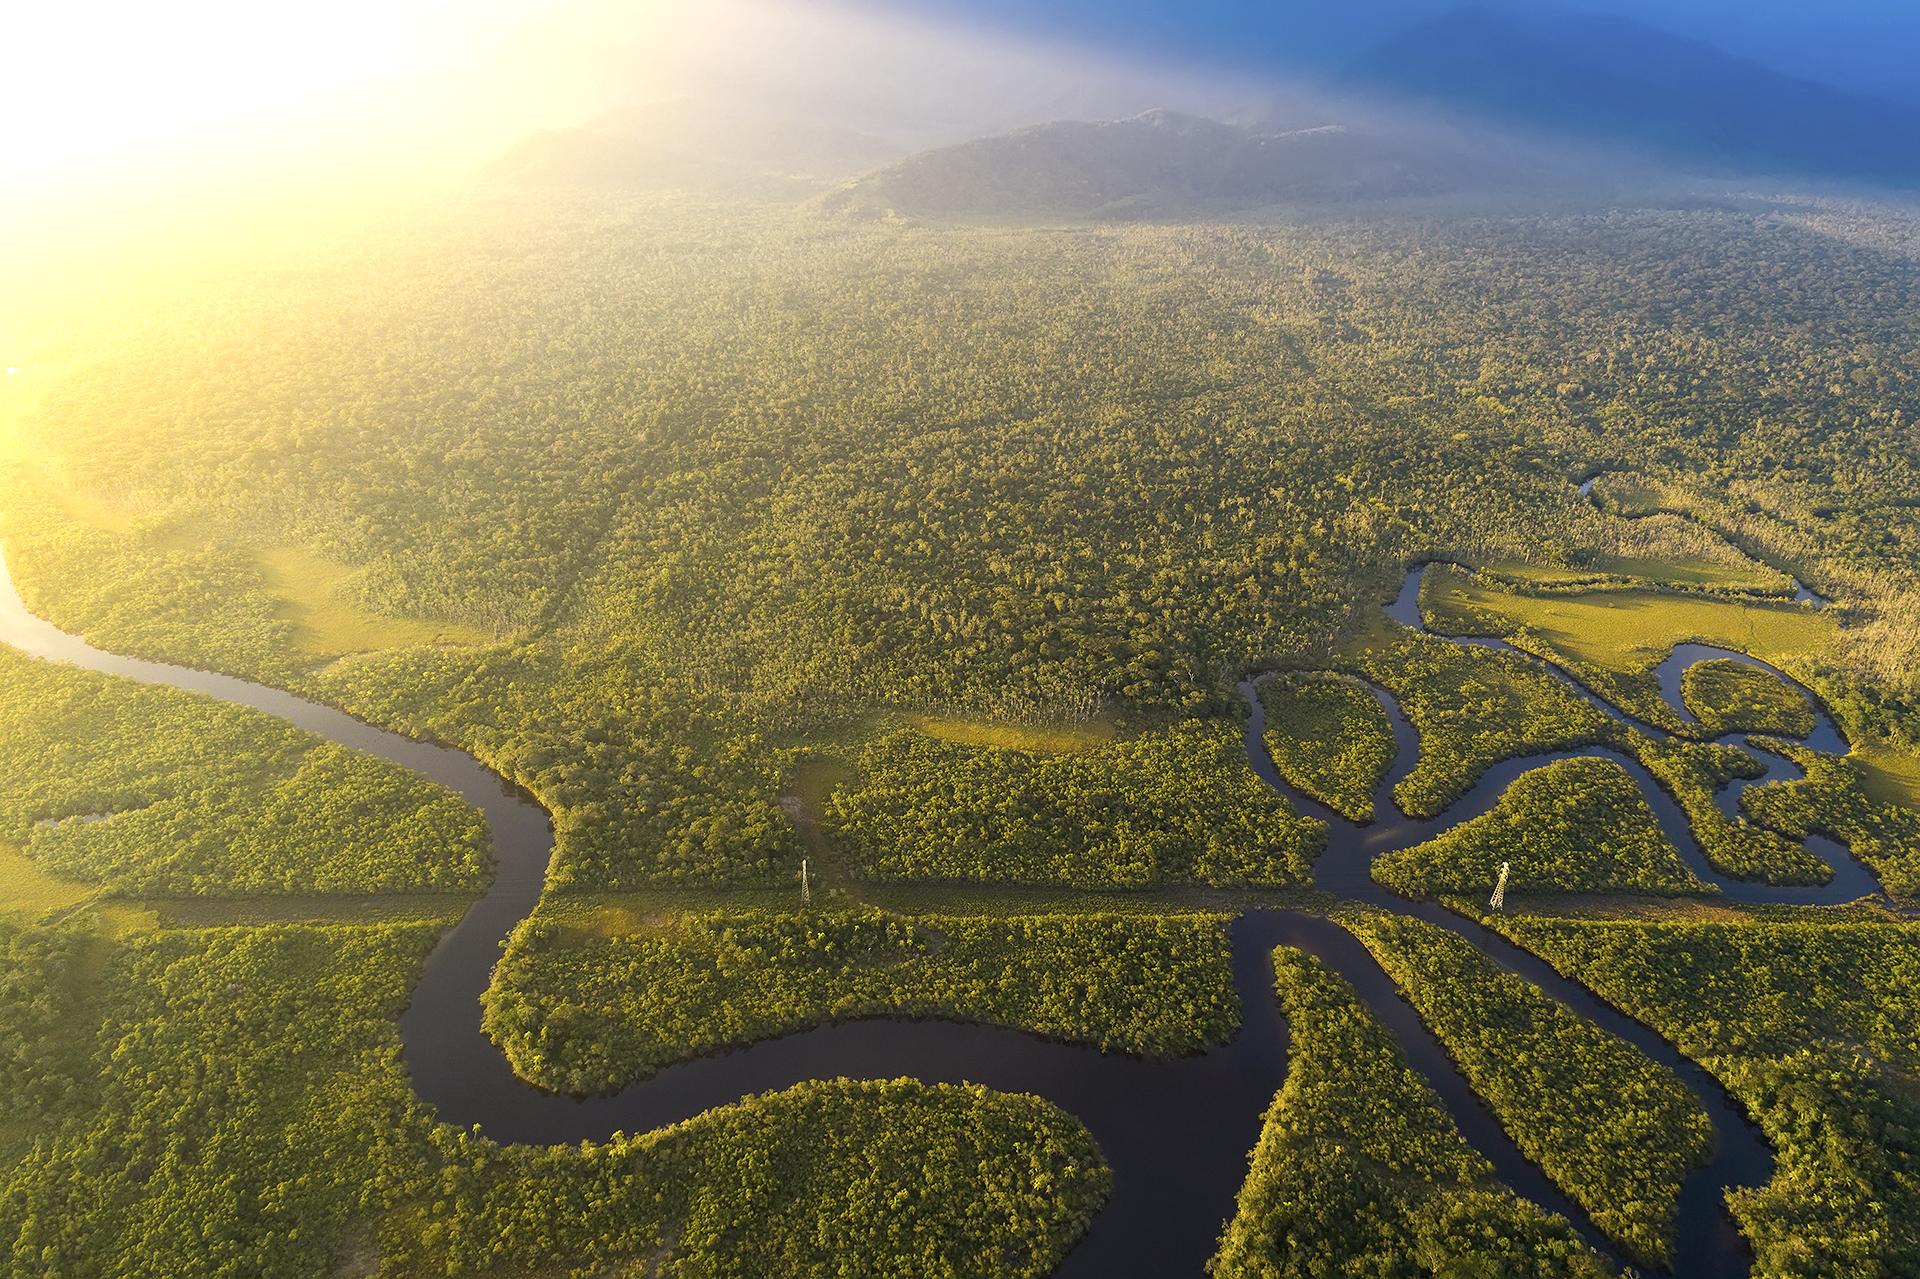 Todo lo que necesitas saber sobre los incendios en la Amazonia